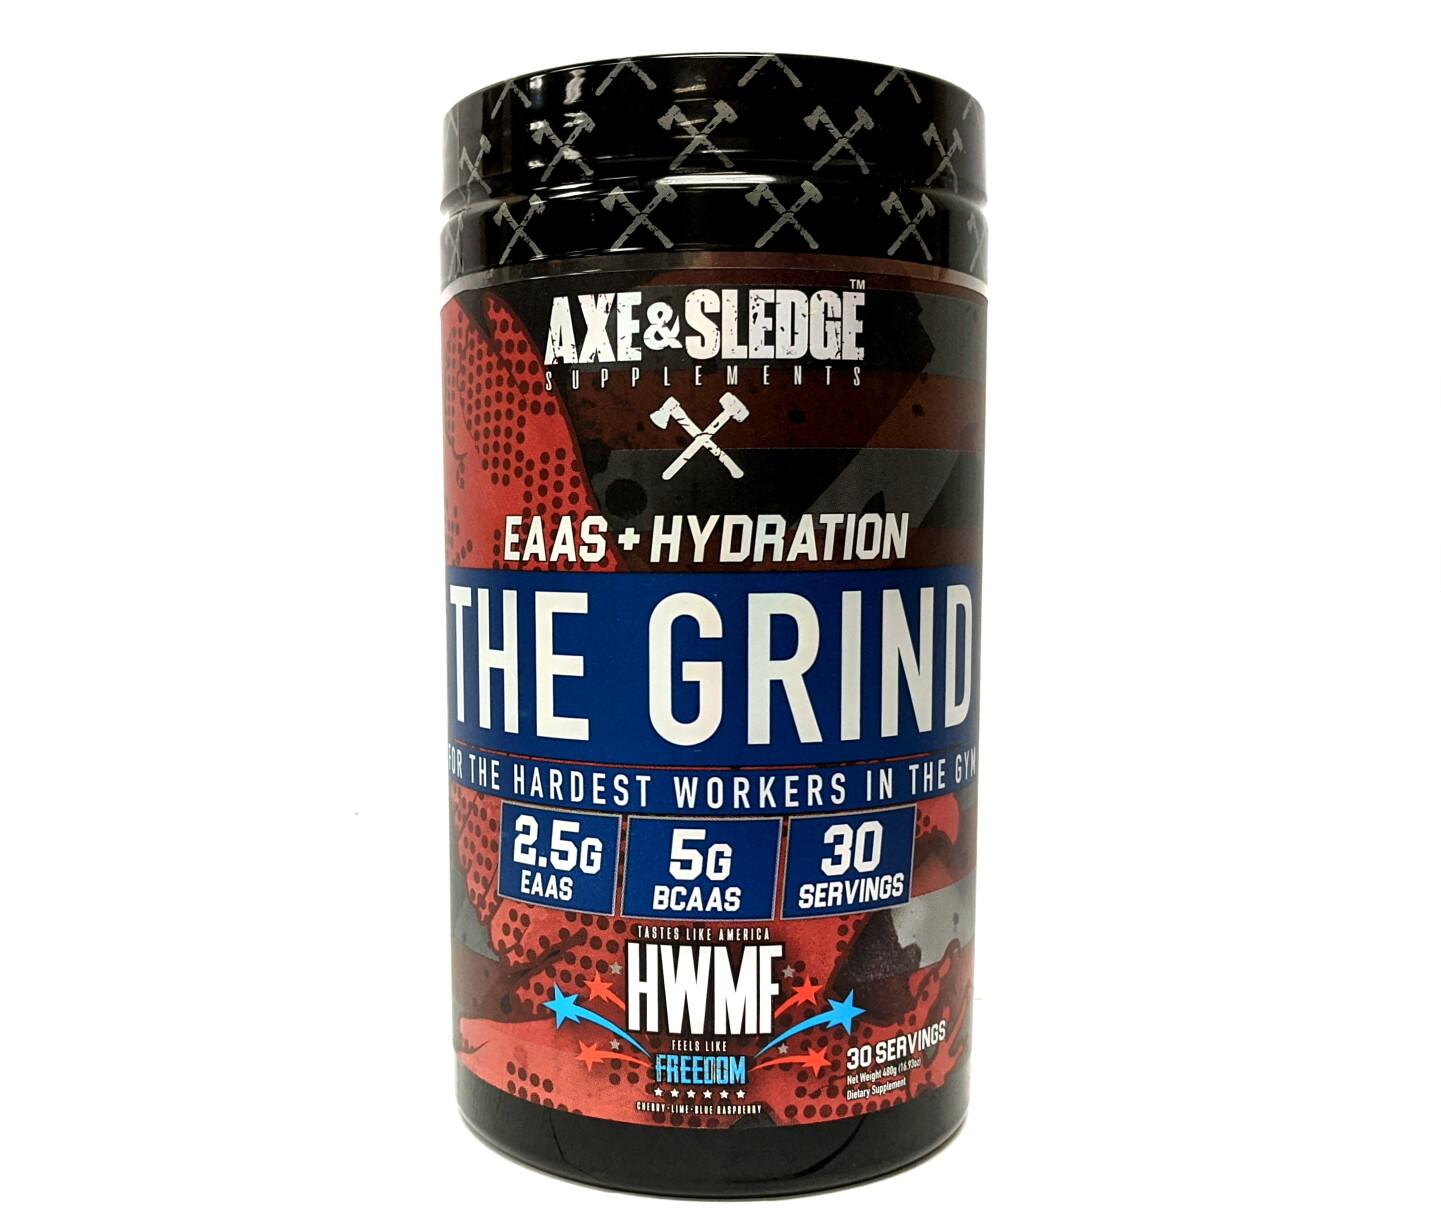 Axe & Sledge The Grind - HWMF Freedom